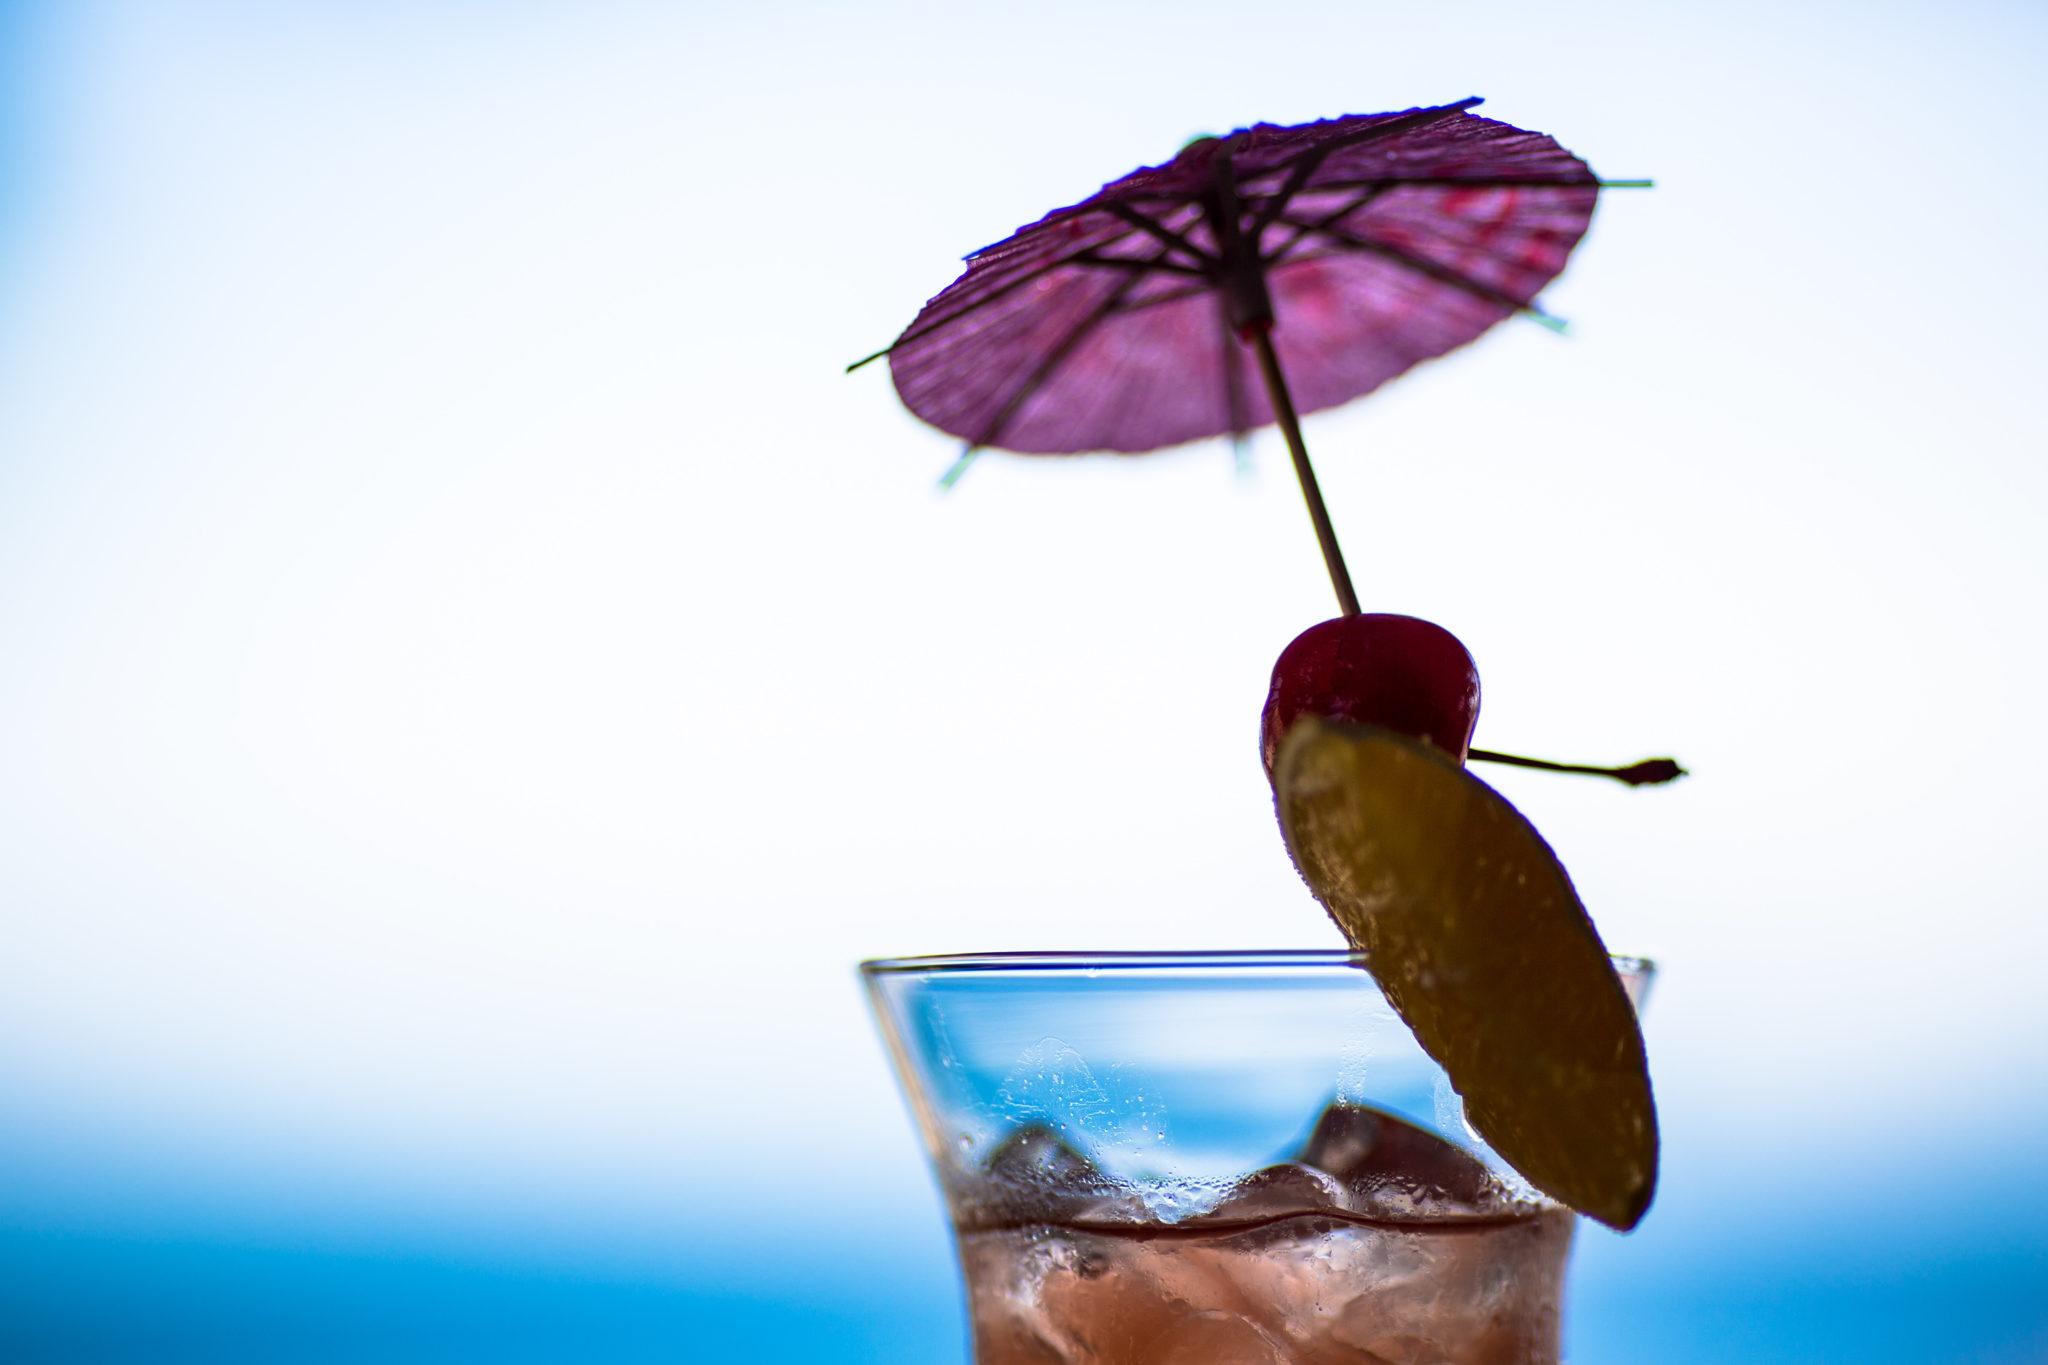 Cocktails in Moulin Sur Mer